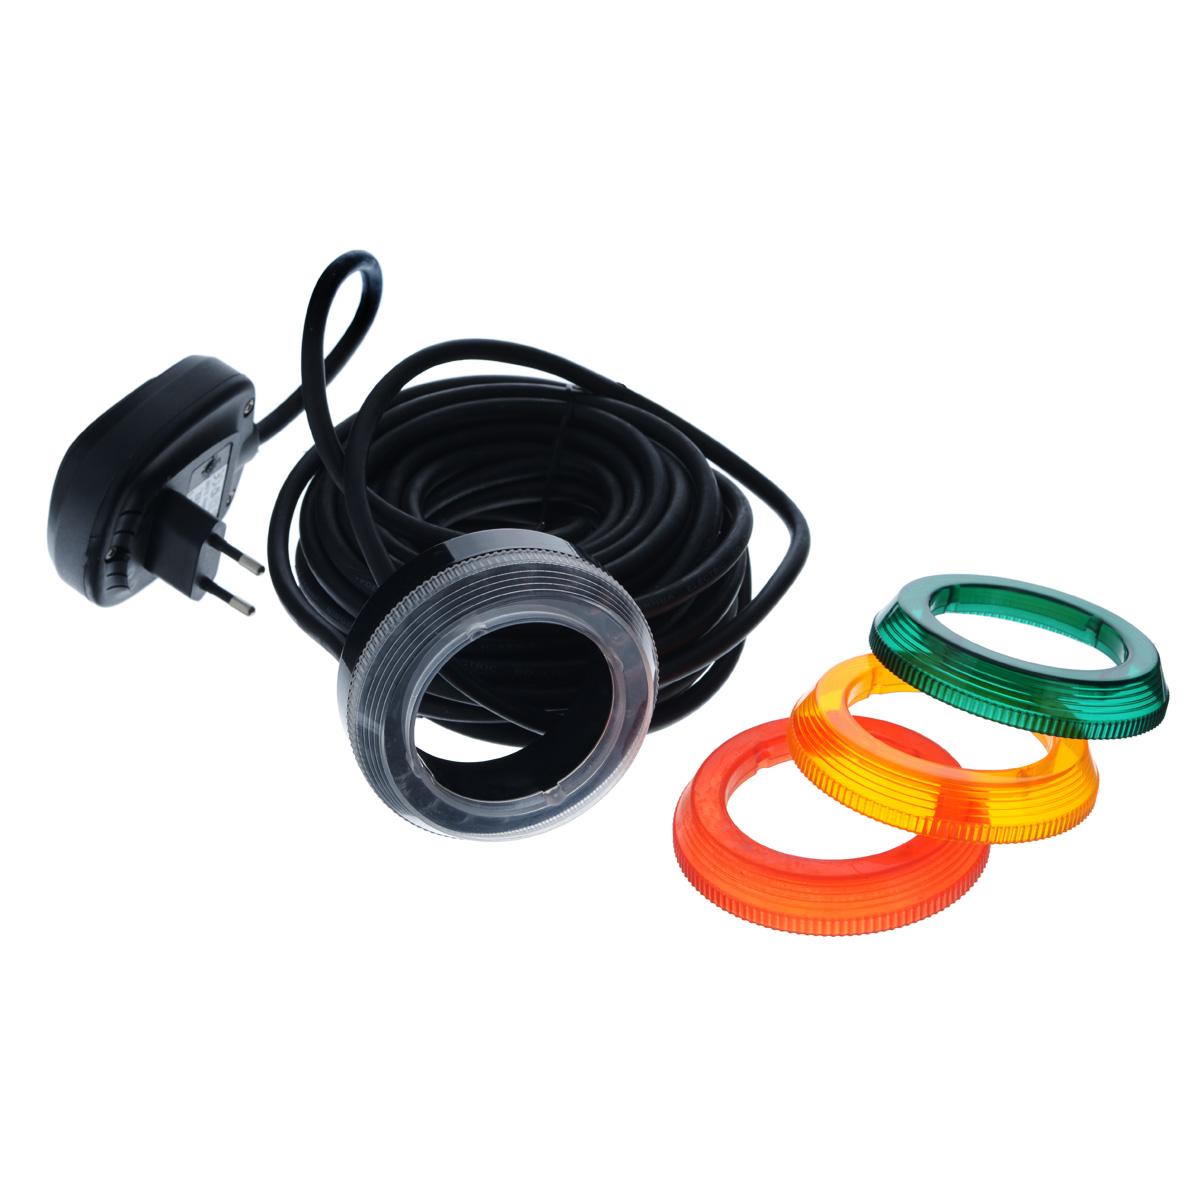 Насадка на разбрызгиватель Aquael Light Play Ring, светящаяся10503Насадка на разбрызгиватель Aquael Light Play Ring предназначена для создания водных световых эффектов или для освещения декоративных элементов под водой (в фонтанах, каскадах, искусственных водоемах, садовых водоемах, бассейнах, в саду возле дома), а так же на открытой поверхности, т.е. вне помещений. Конструкция светильников основана на использовании современной техники источников света LED. Их достоинством является очень маленький расход электроэнергии, небольшое количество выделяемого тепла, кроме того отсутствует необходимость замены светодиодов. Кабель питания имеет длину 10 метров и представляет возможность размещения устройства в любом месте. Кабель светильника можно отключить от трансформатора, а это значит, что очень удобно устанавливать и подключать эти источники света. Светильник приспособлен для непрерывной работы. В комплекте 4 сменные насадки белого, красного, оранжевого и зеленого цветов. Размер насадки: 8,5 см х 8,5 см х 3 см.Длина провода: 10 м.